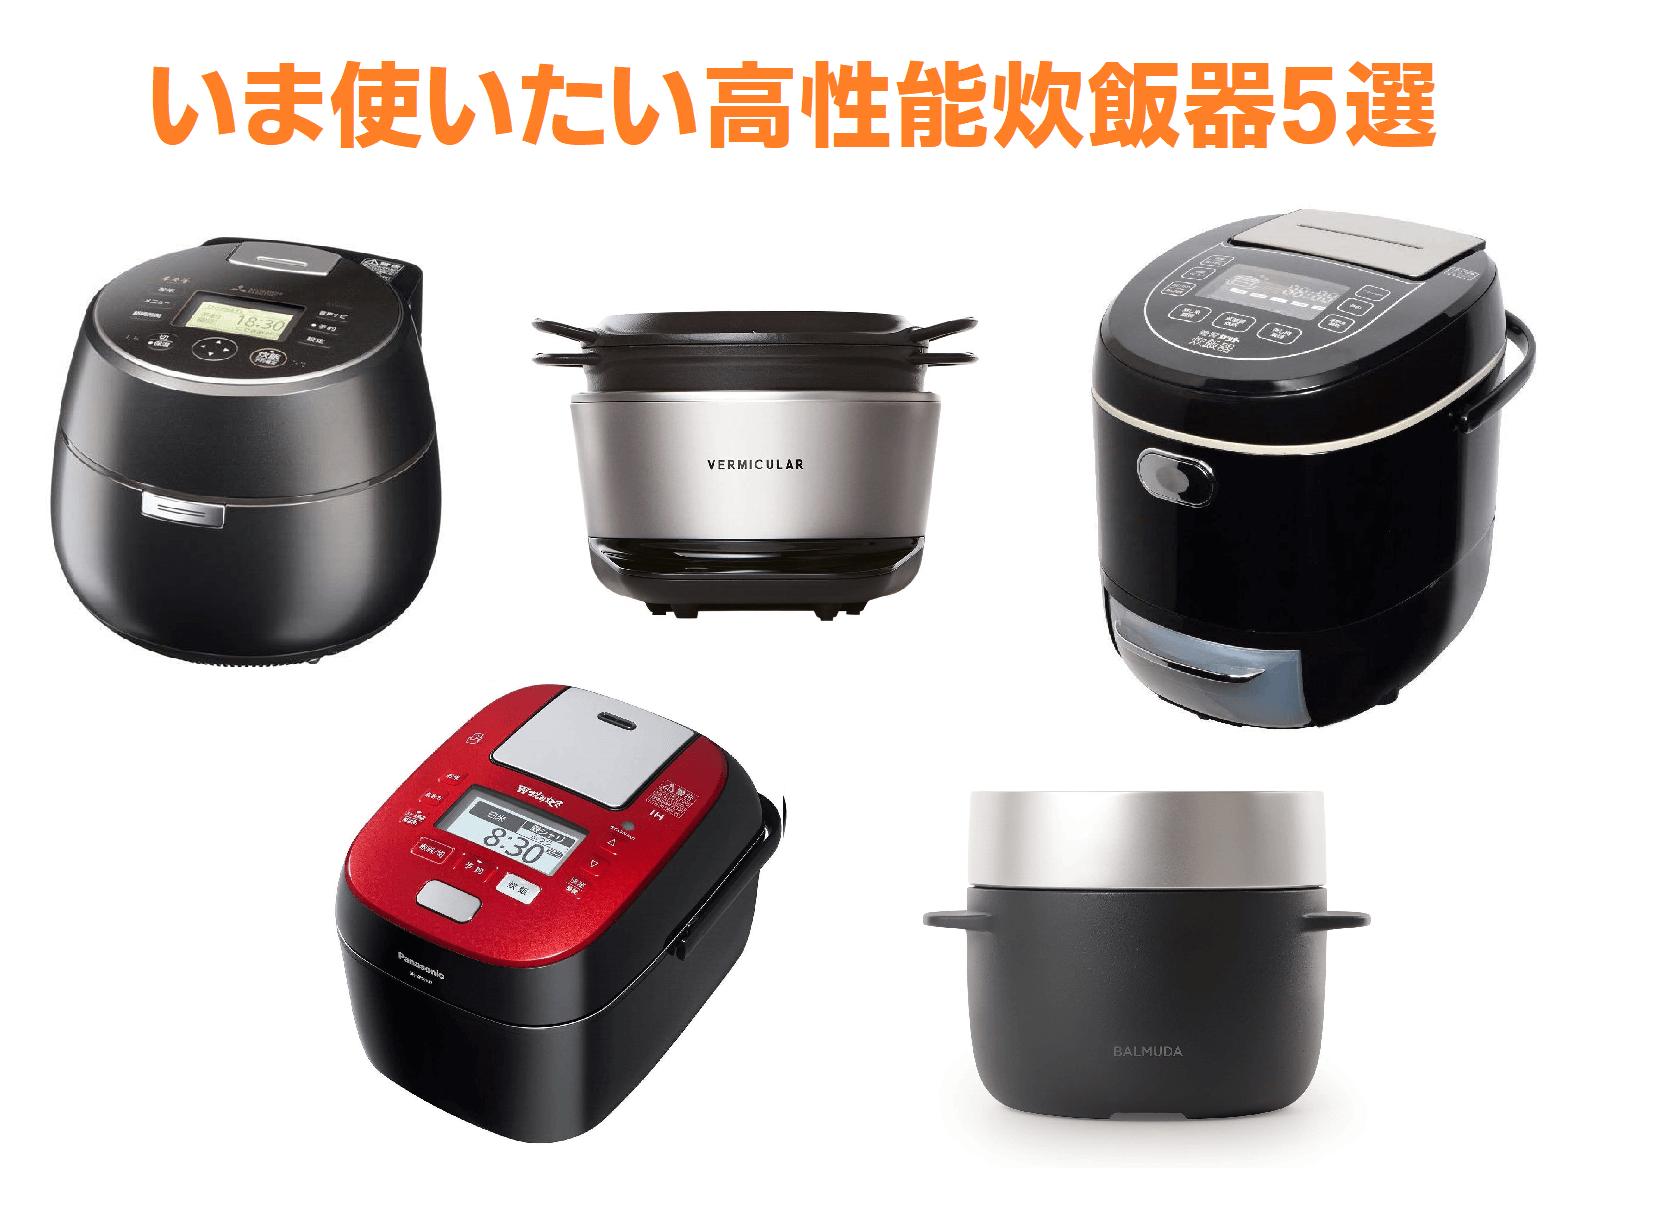 いま使いたい高性能炊飯器5選!おすすめの美味しいお米銘柄5選もご紹介!